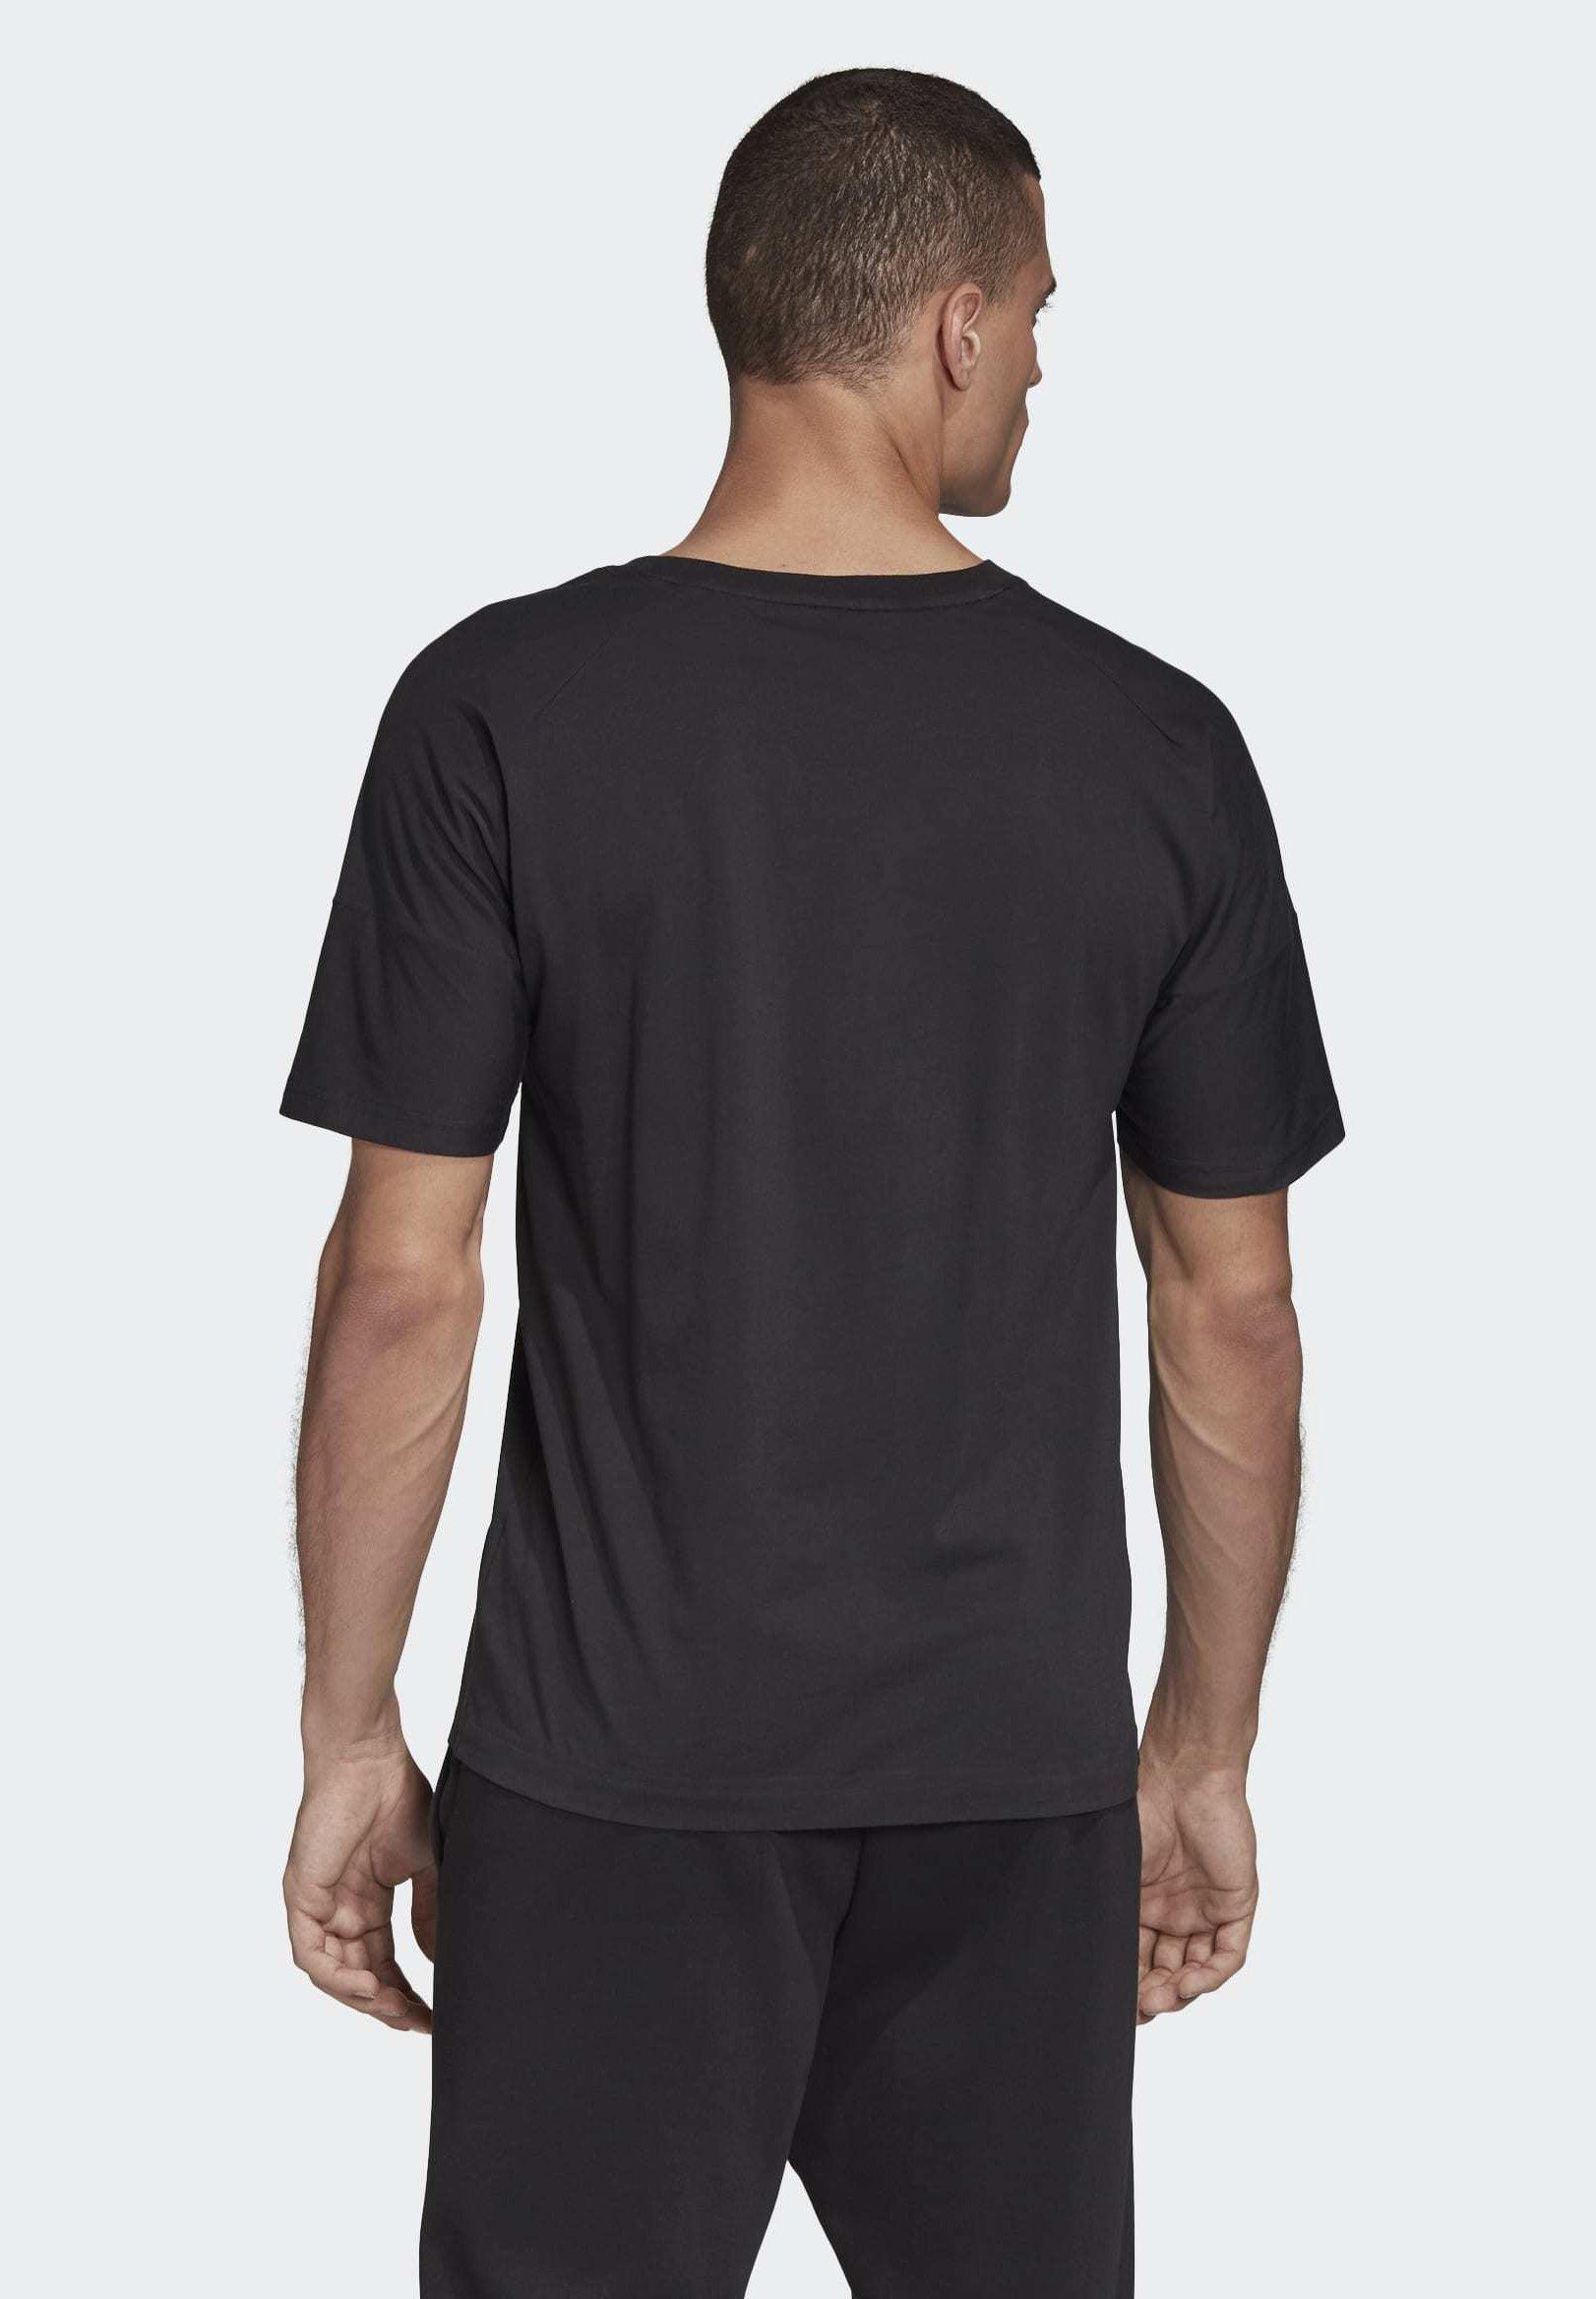 adidas Performance ADIDAS Z.N.E. 3 STRIPES T SHIRT T Shirt